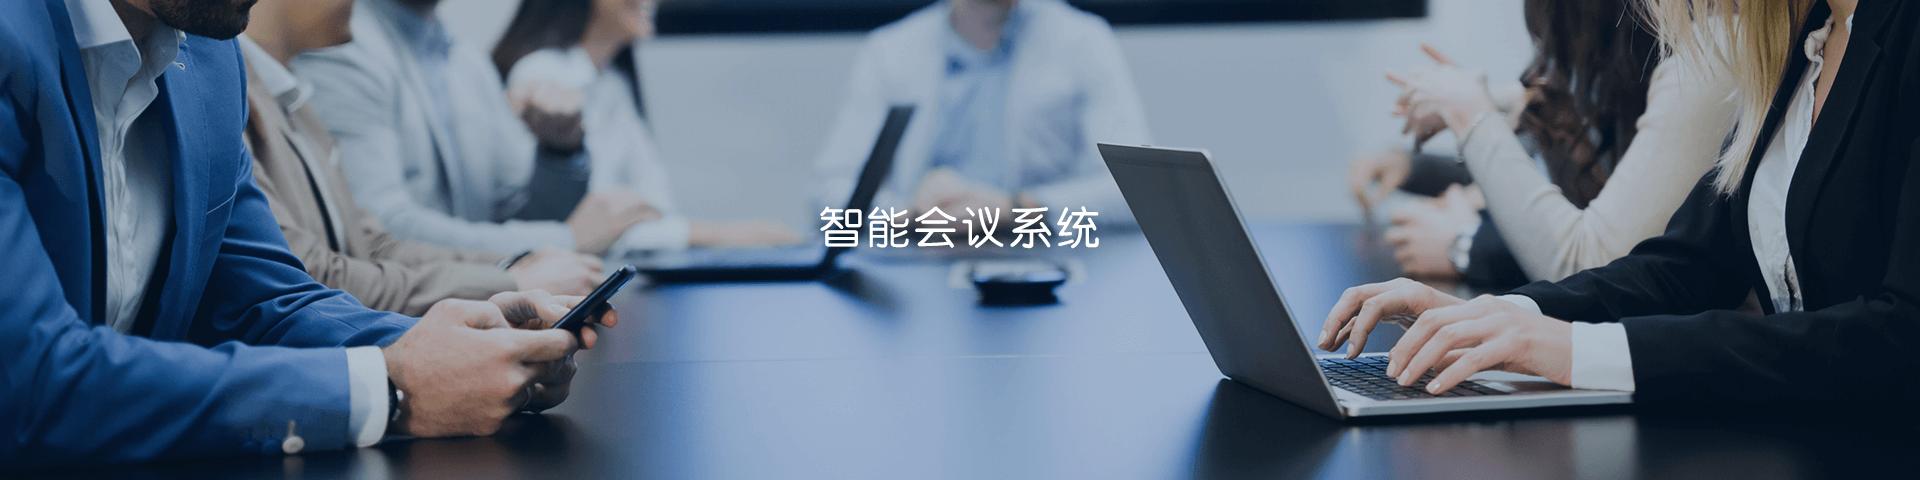 会议发言扩声系统